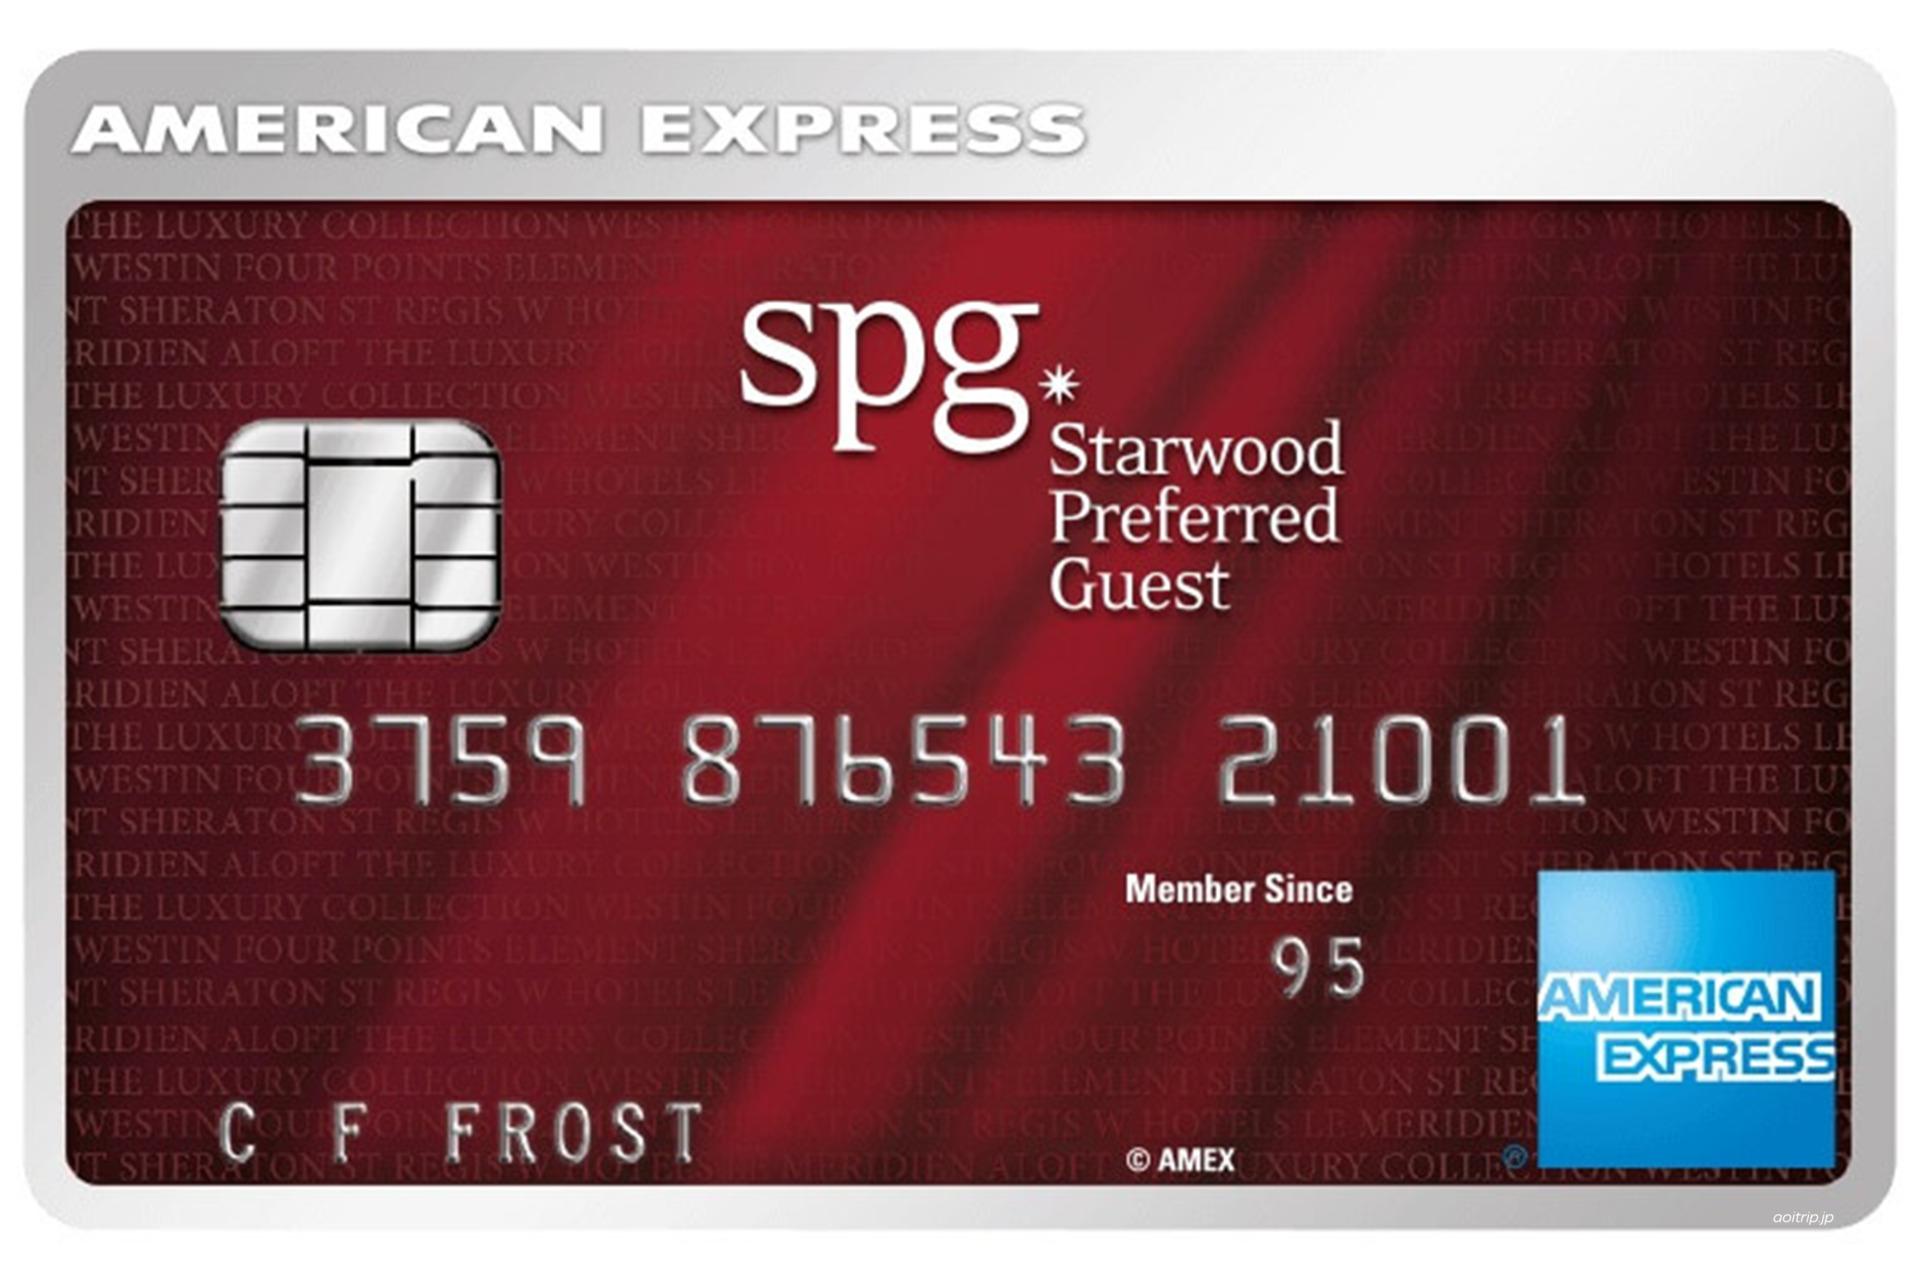 SPGアメックス クレジットカードの券面デザイン